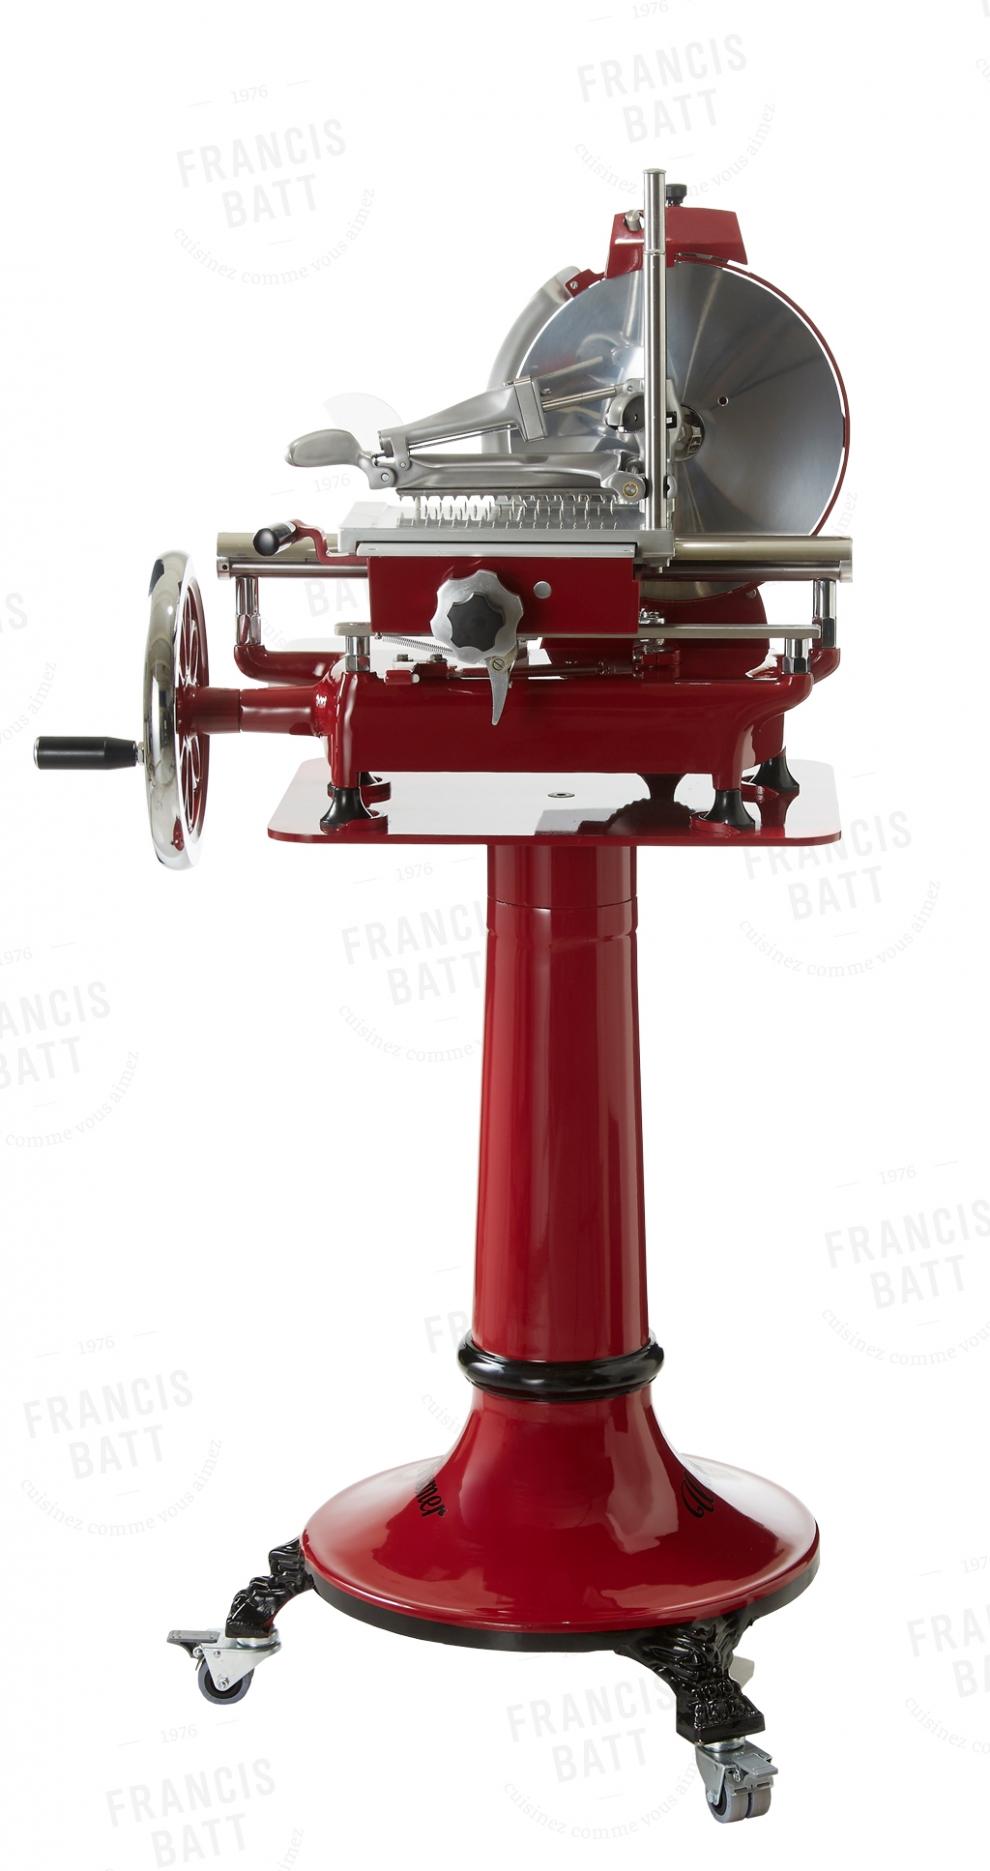 Wismer pied pour trancheuse jambon manuelle 25 et 30 - Machine a couper le jambon manuelle ...